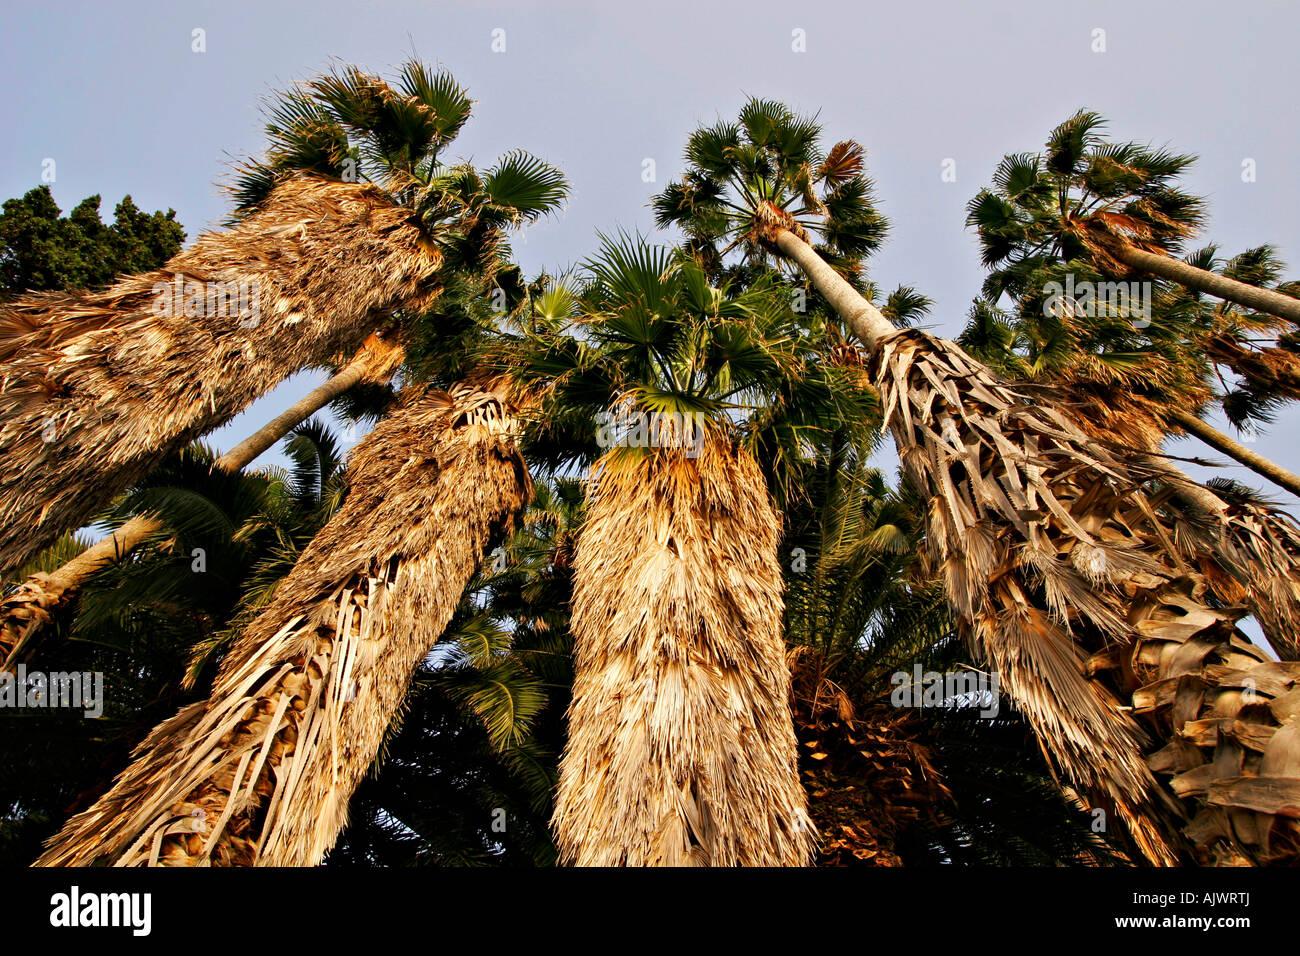 HRV Kroatien Dubrovnik, Palmen an der Kroatischen Mittelmeerkueste | Croatia, Palms at the Croatian Mediterranean - Stock Image